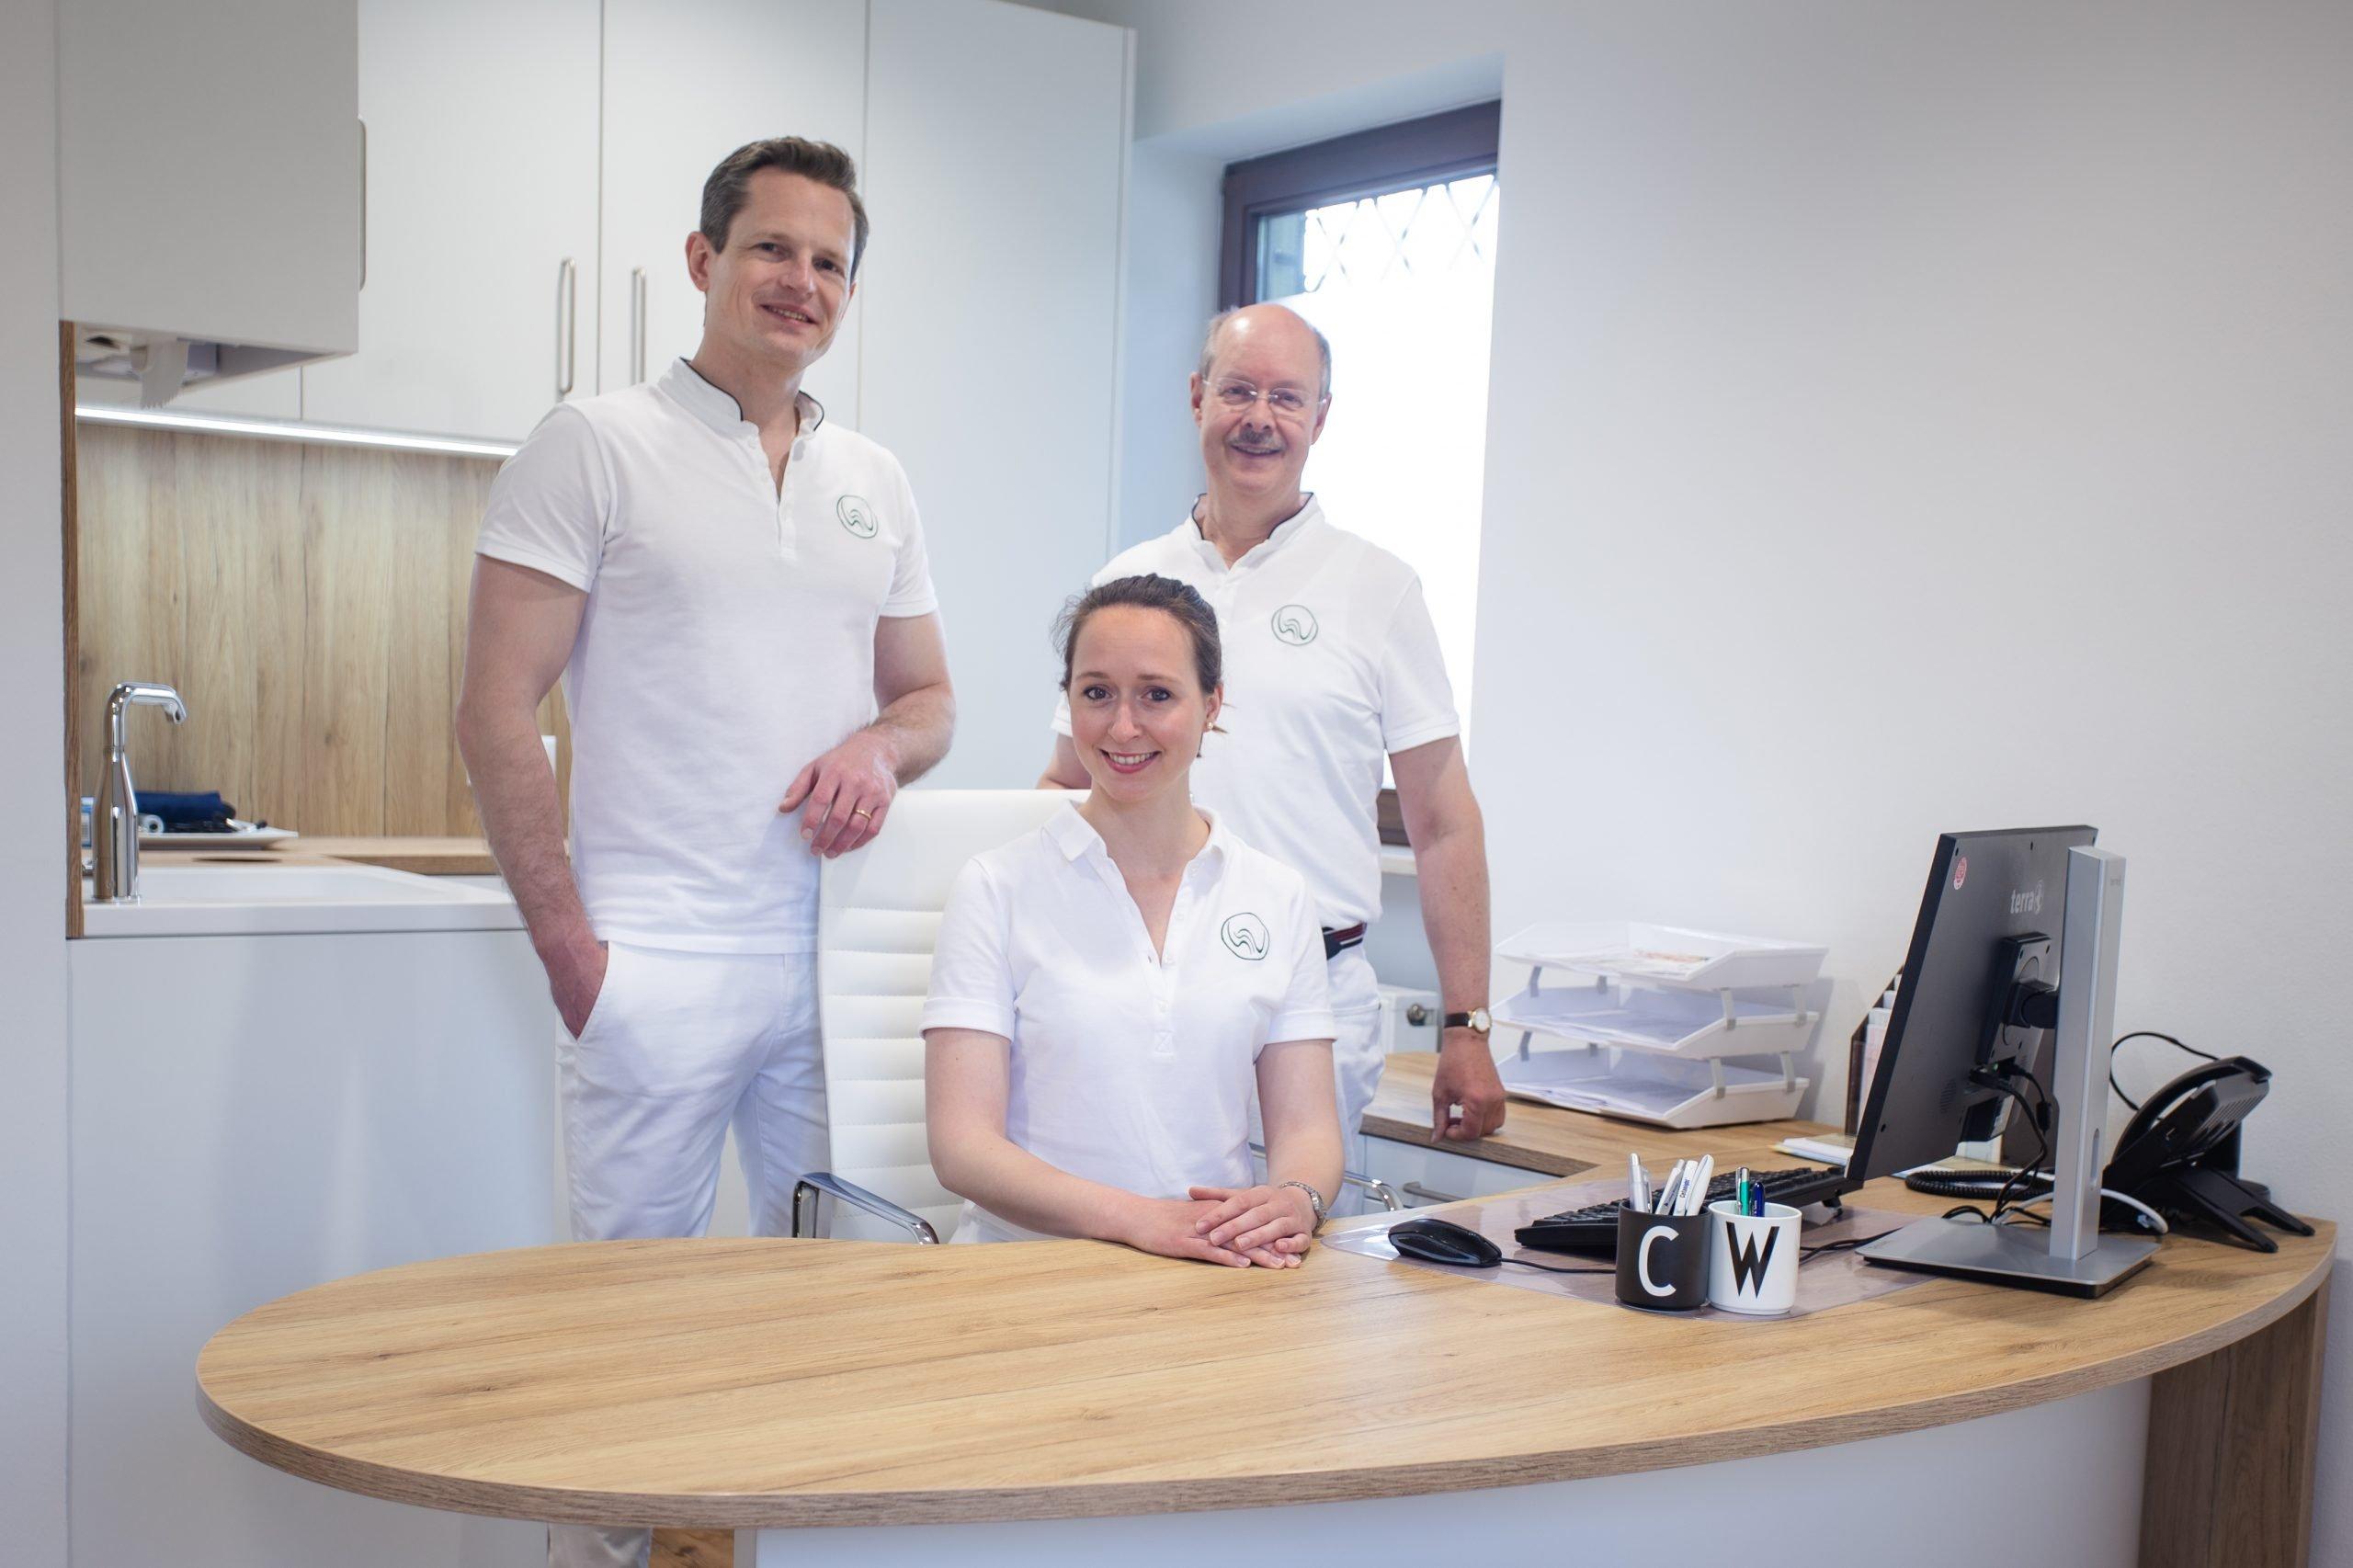 Hausarzt Westerham Doctors